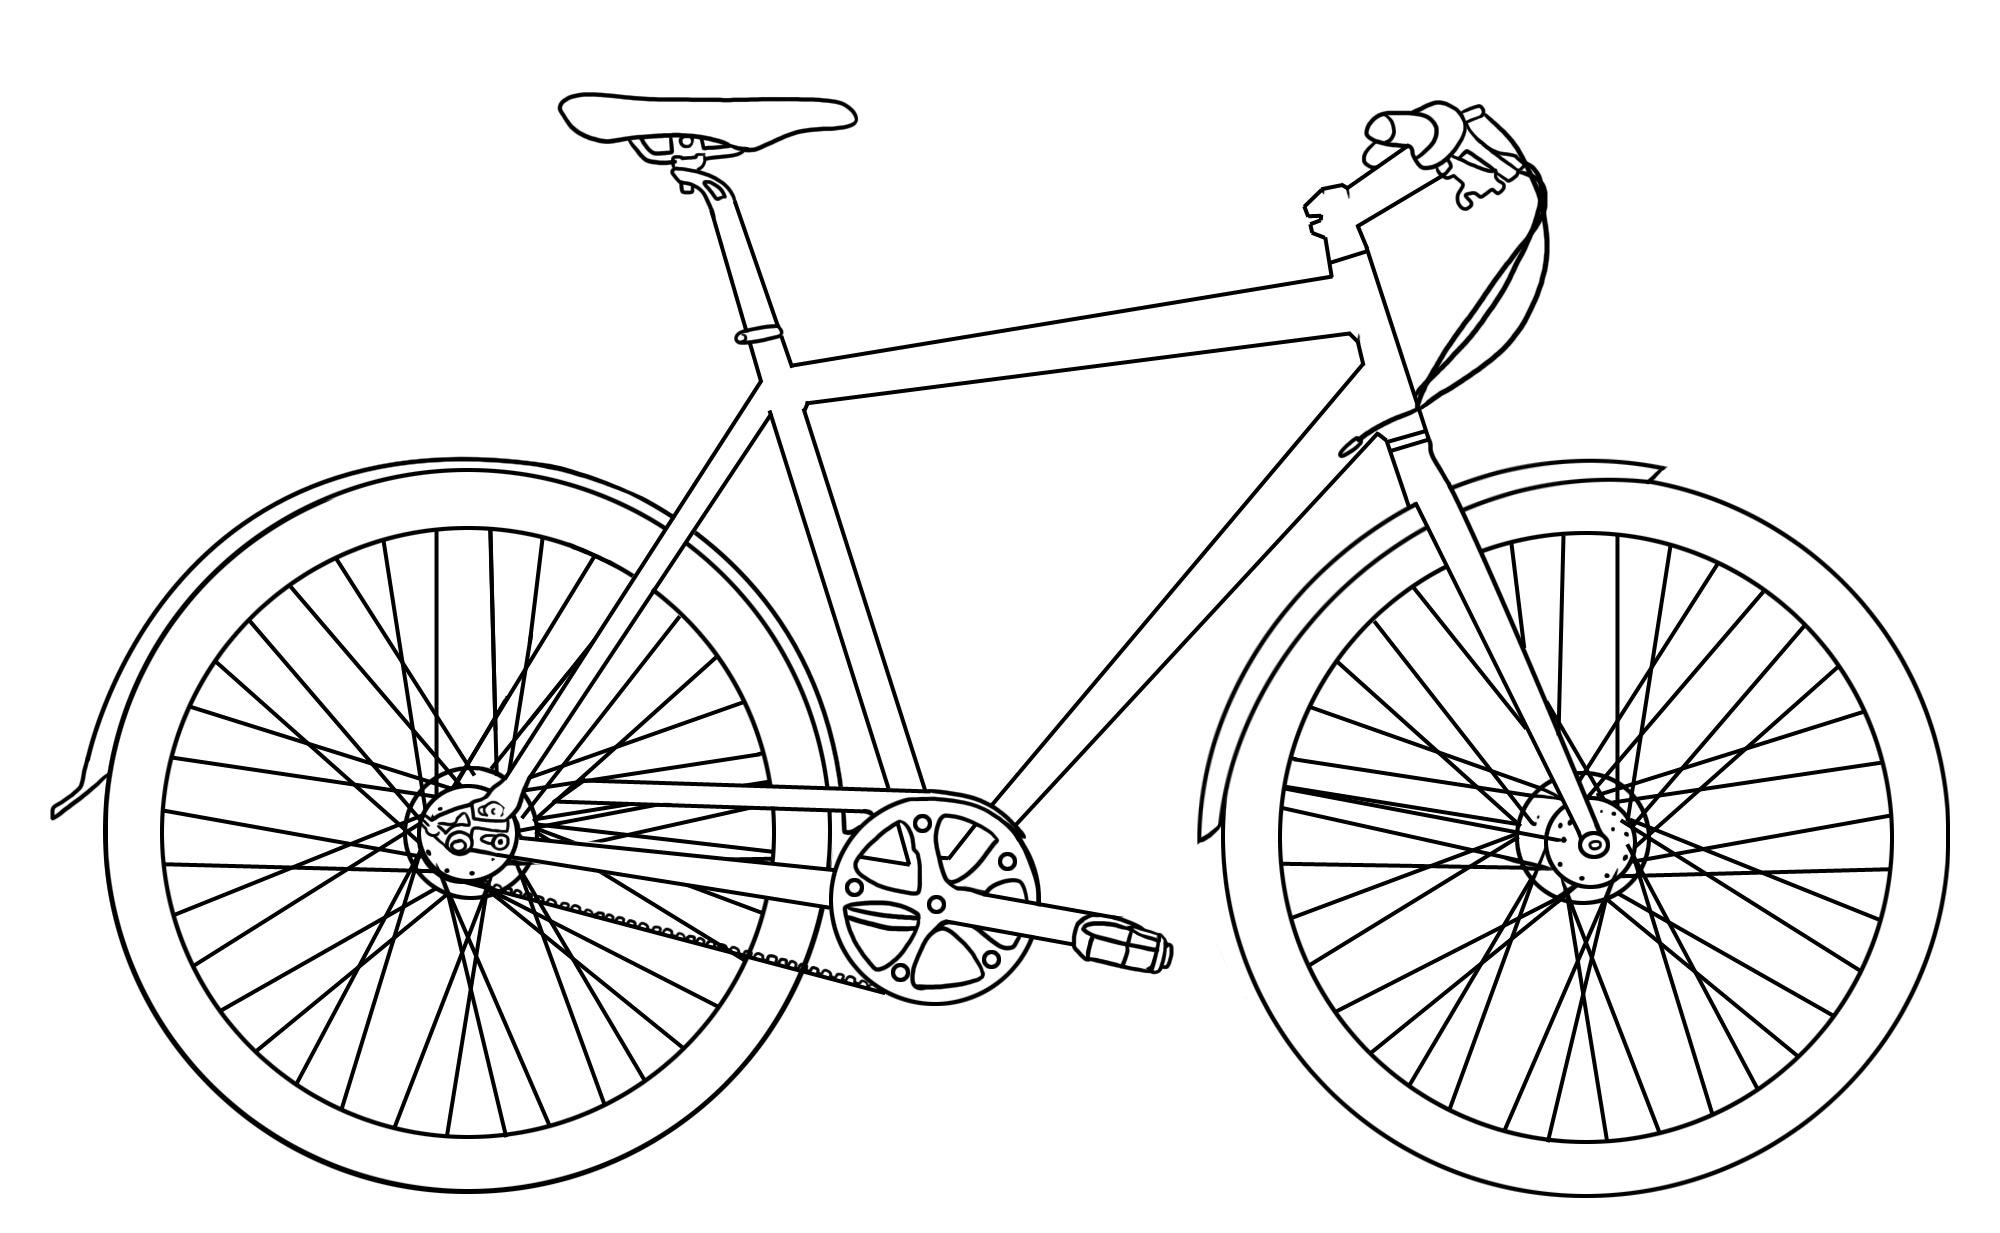 Ausmalbilder Malvorlagen  Fahrrad kostenlos zum Ausdrucken